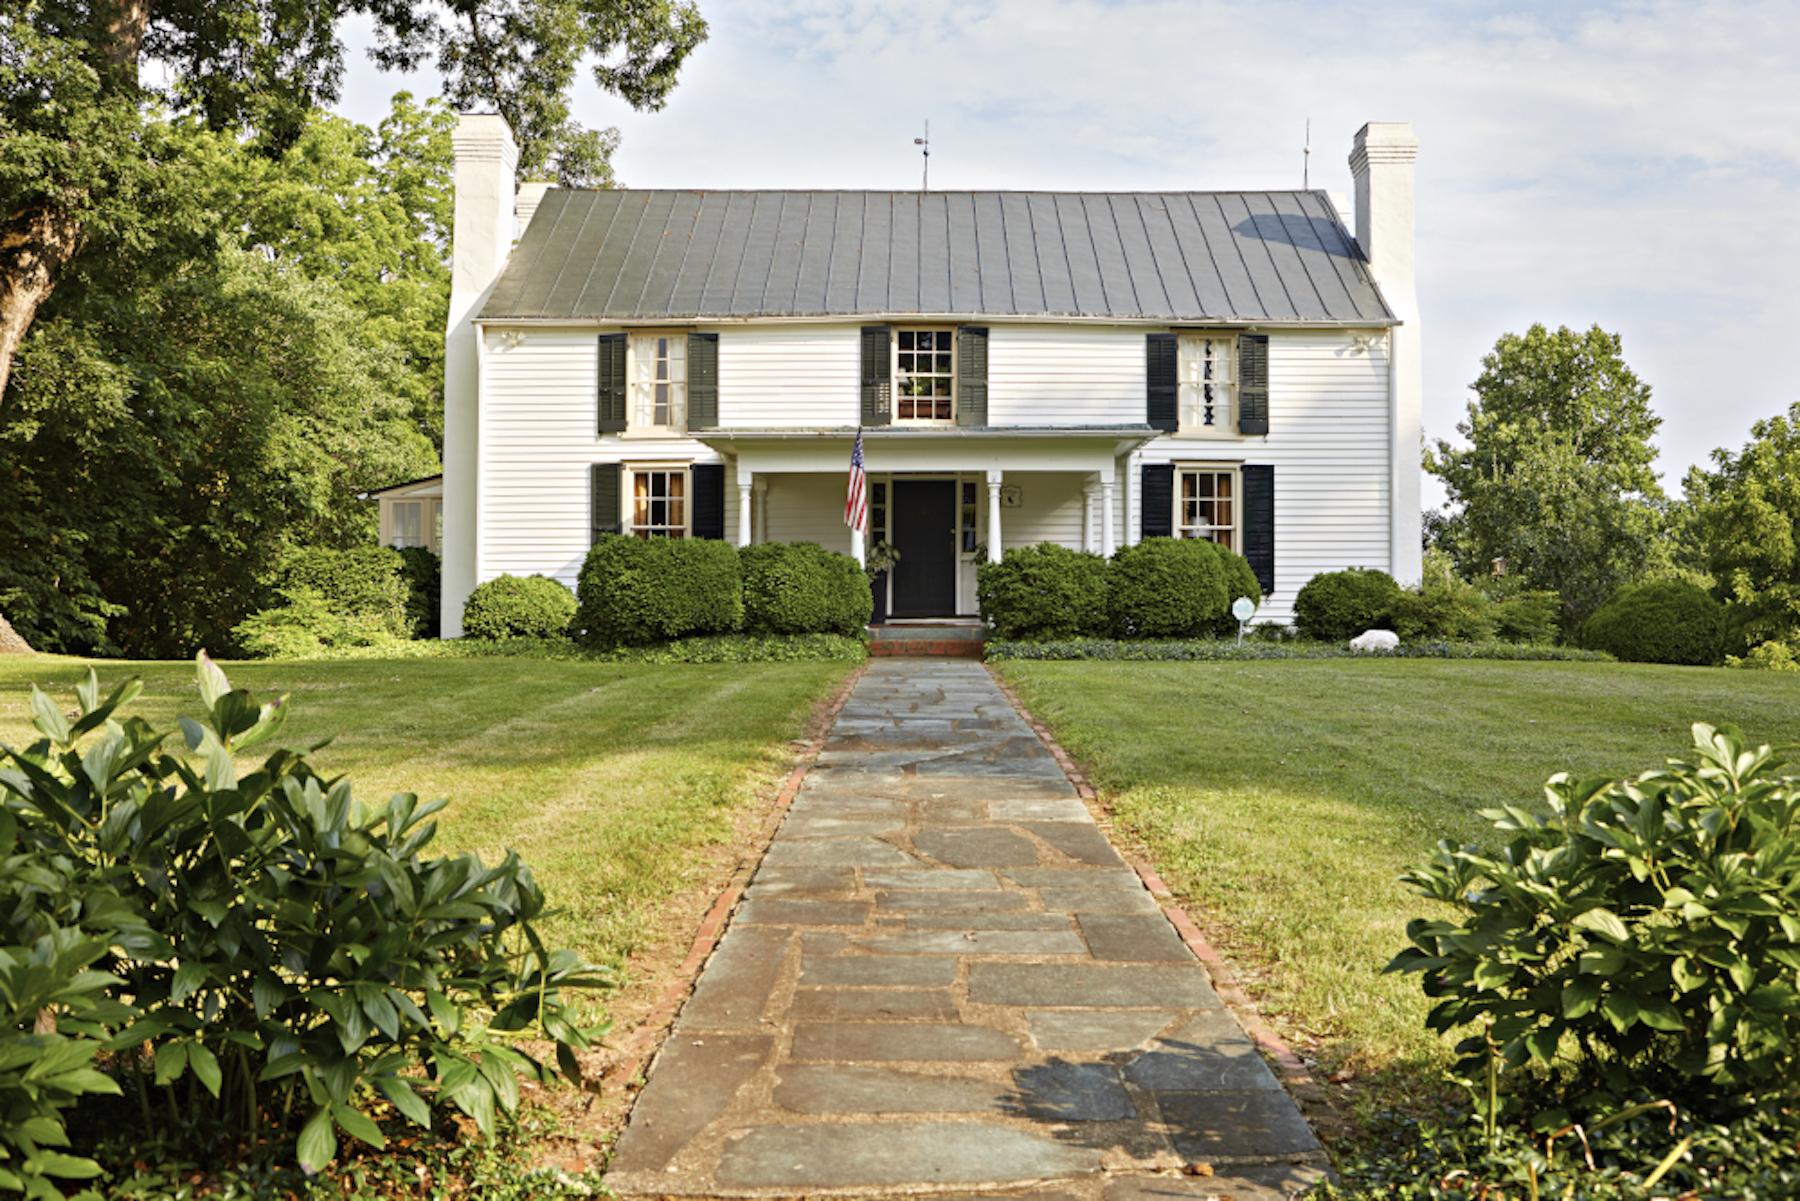 Tek Ailelik Ev için Satış at Oak Lawn 155 Winridge Dr Madison Heights, Virginia, 24572 Amerika Birleşik Devletleri